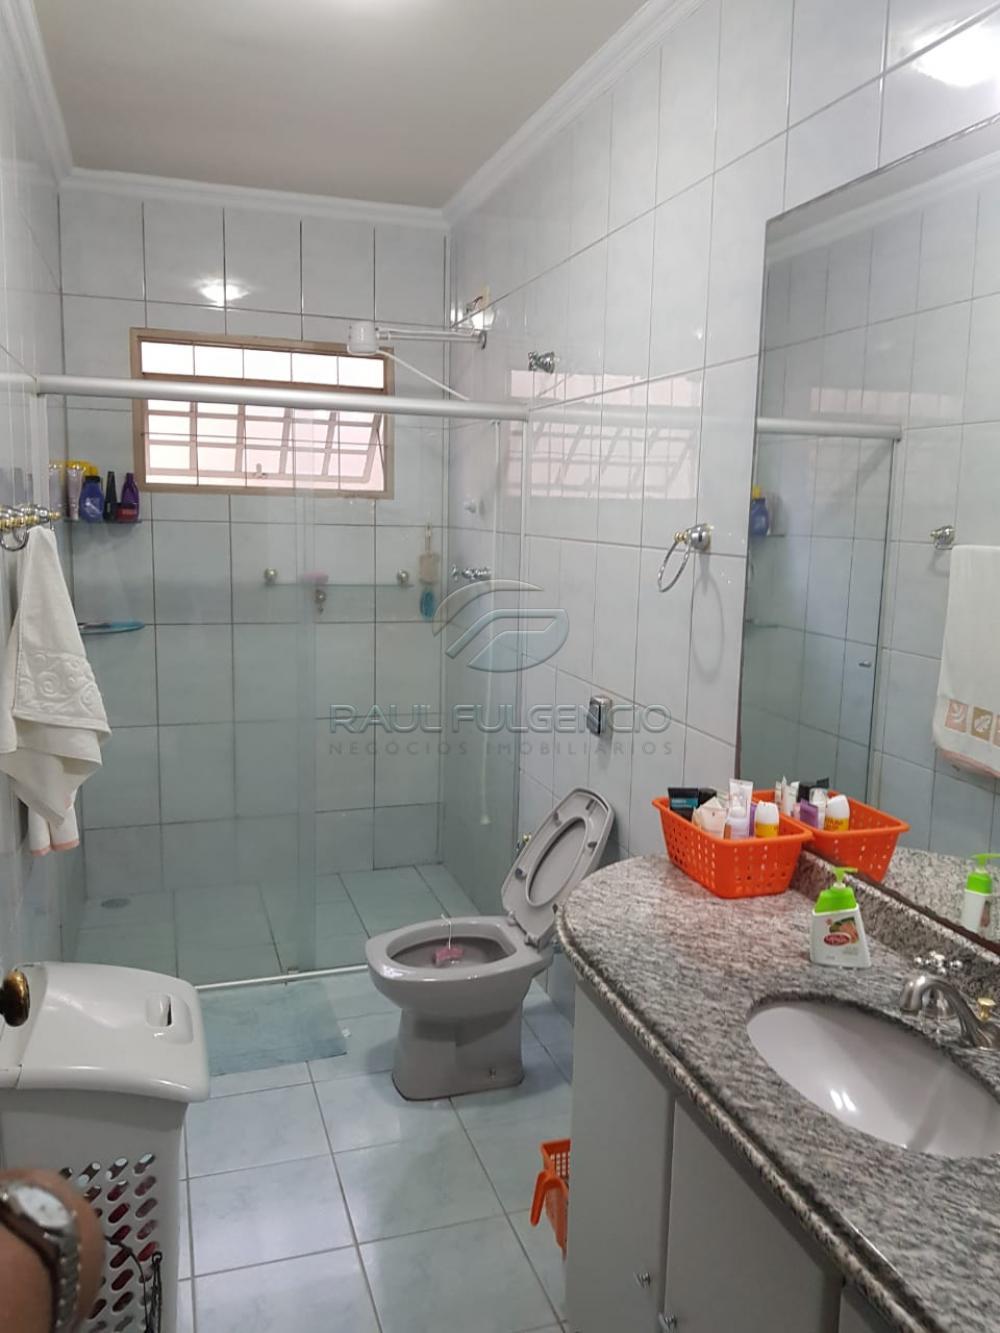 Comprar Casa / Térrea em Londrina apenas R$ 595.000,00 - Foto 16